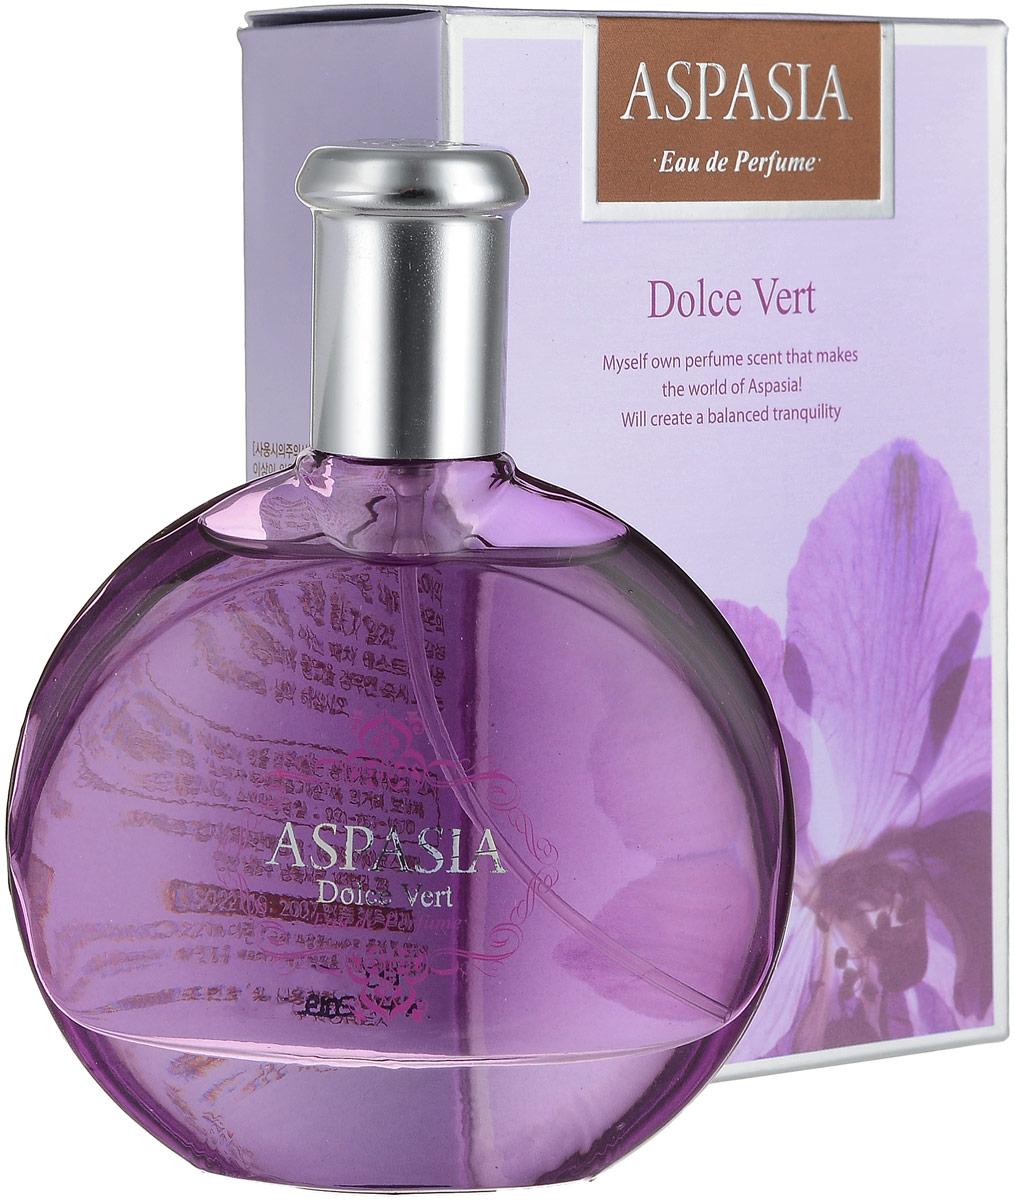 Aspasia туалетная вода, женская Eu de parfume Dolce Vert, 50 мл - Парфюмерия